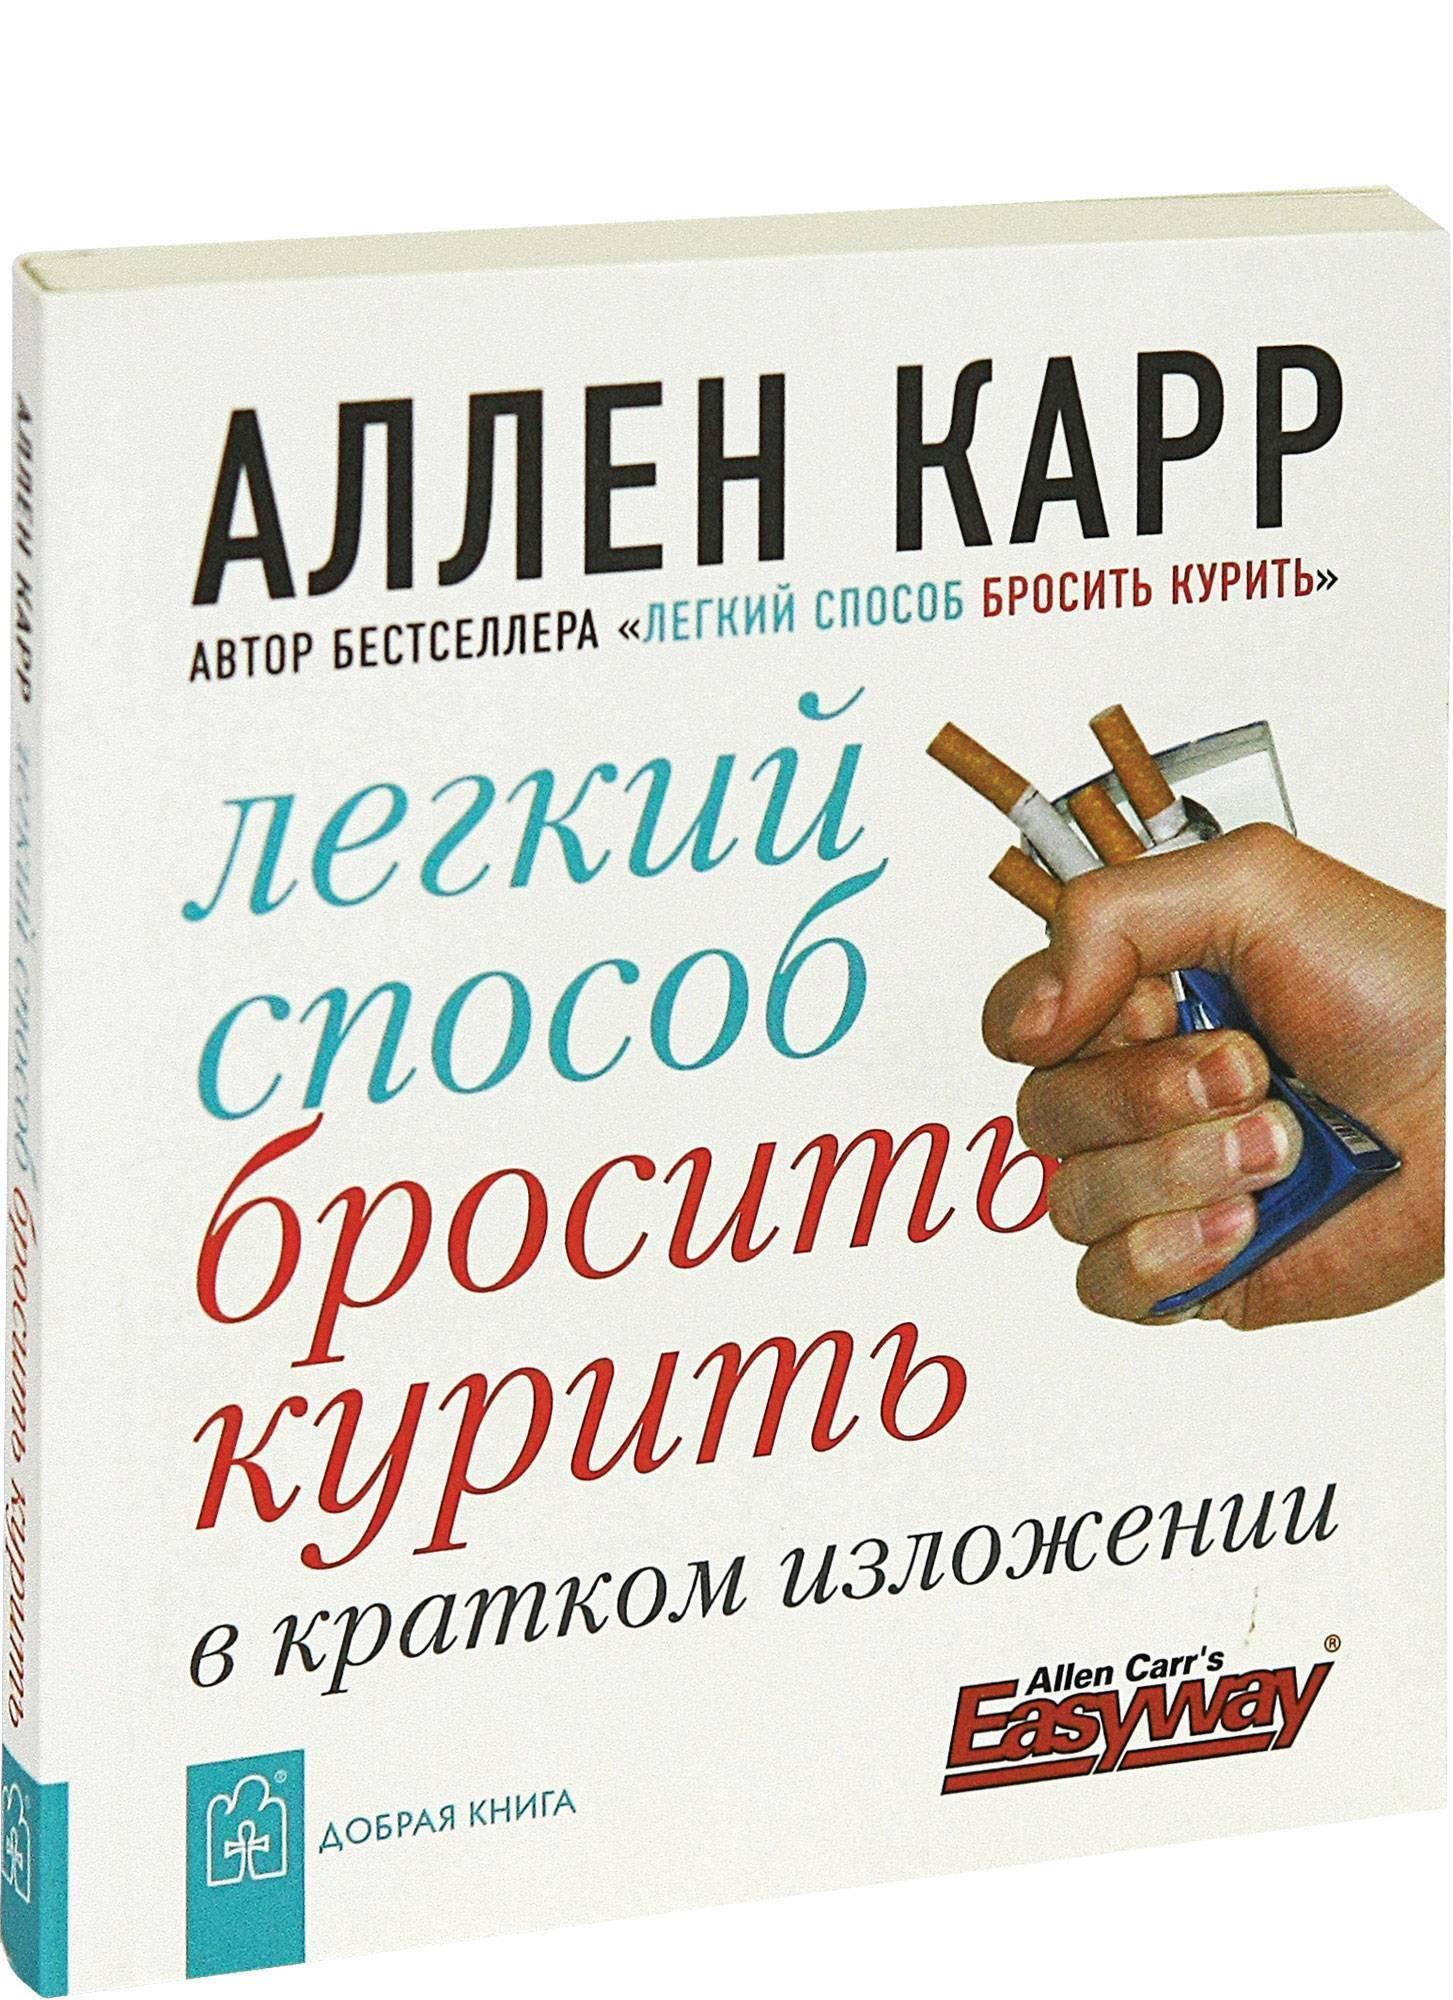 Заговор от курения: сильный, чтобы бросить, на сигареты, на себя